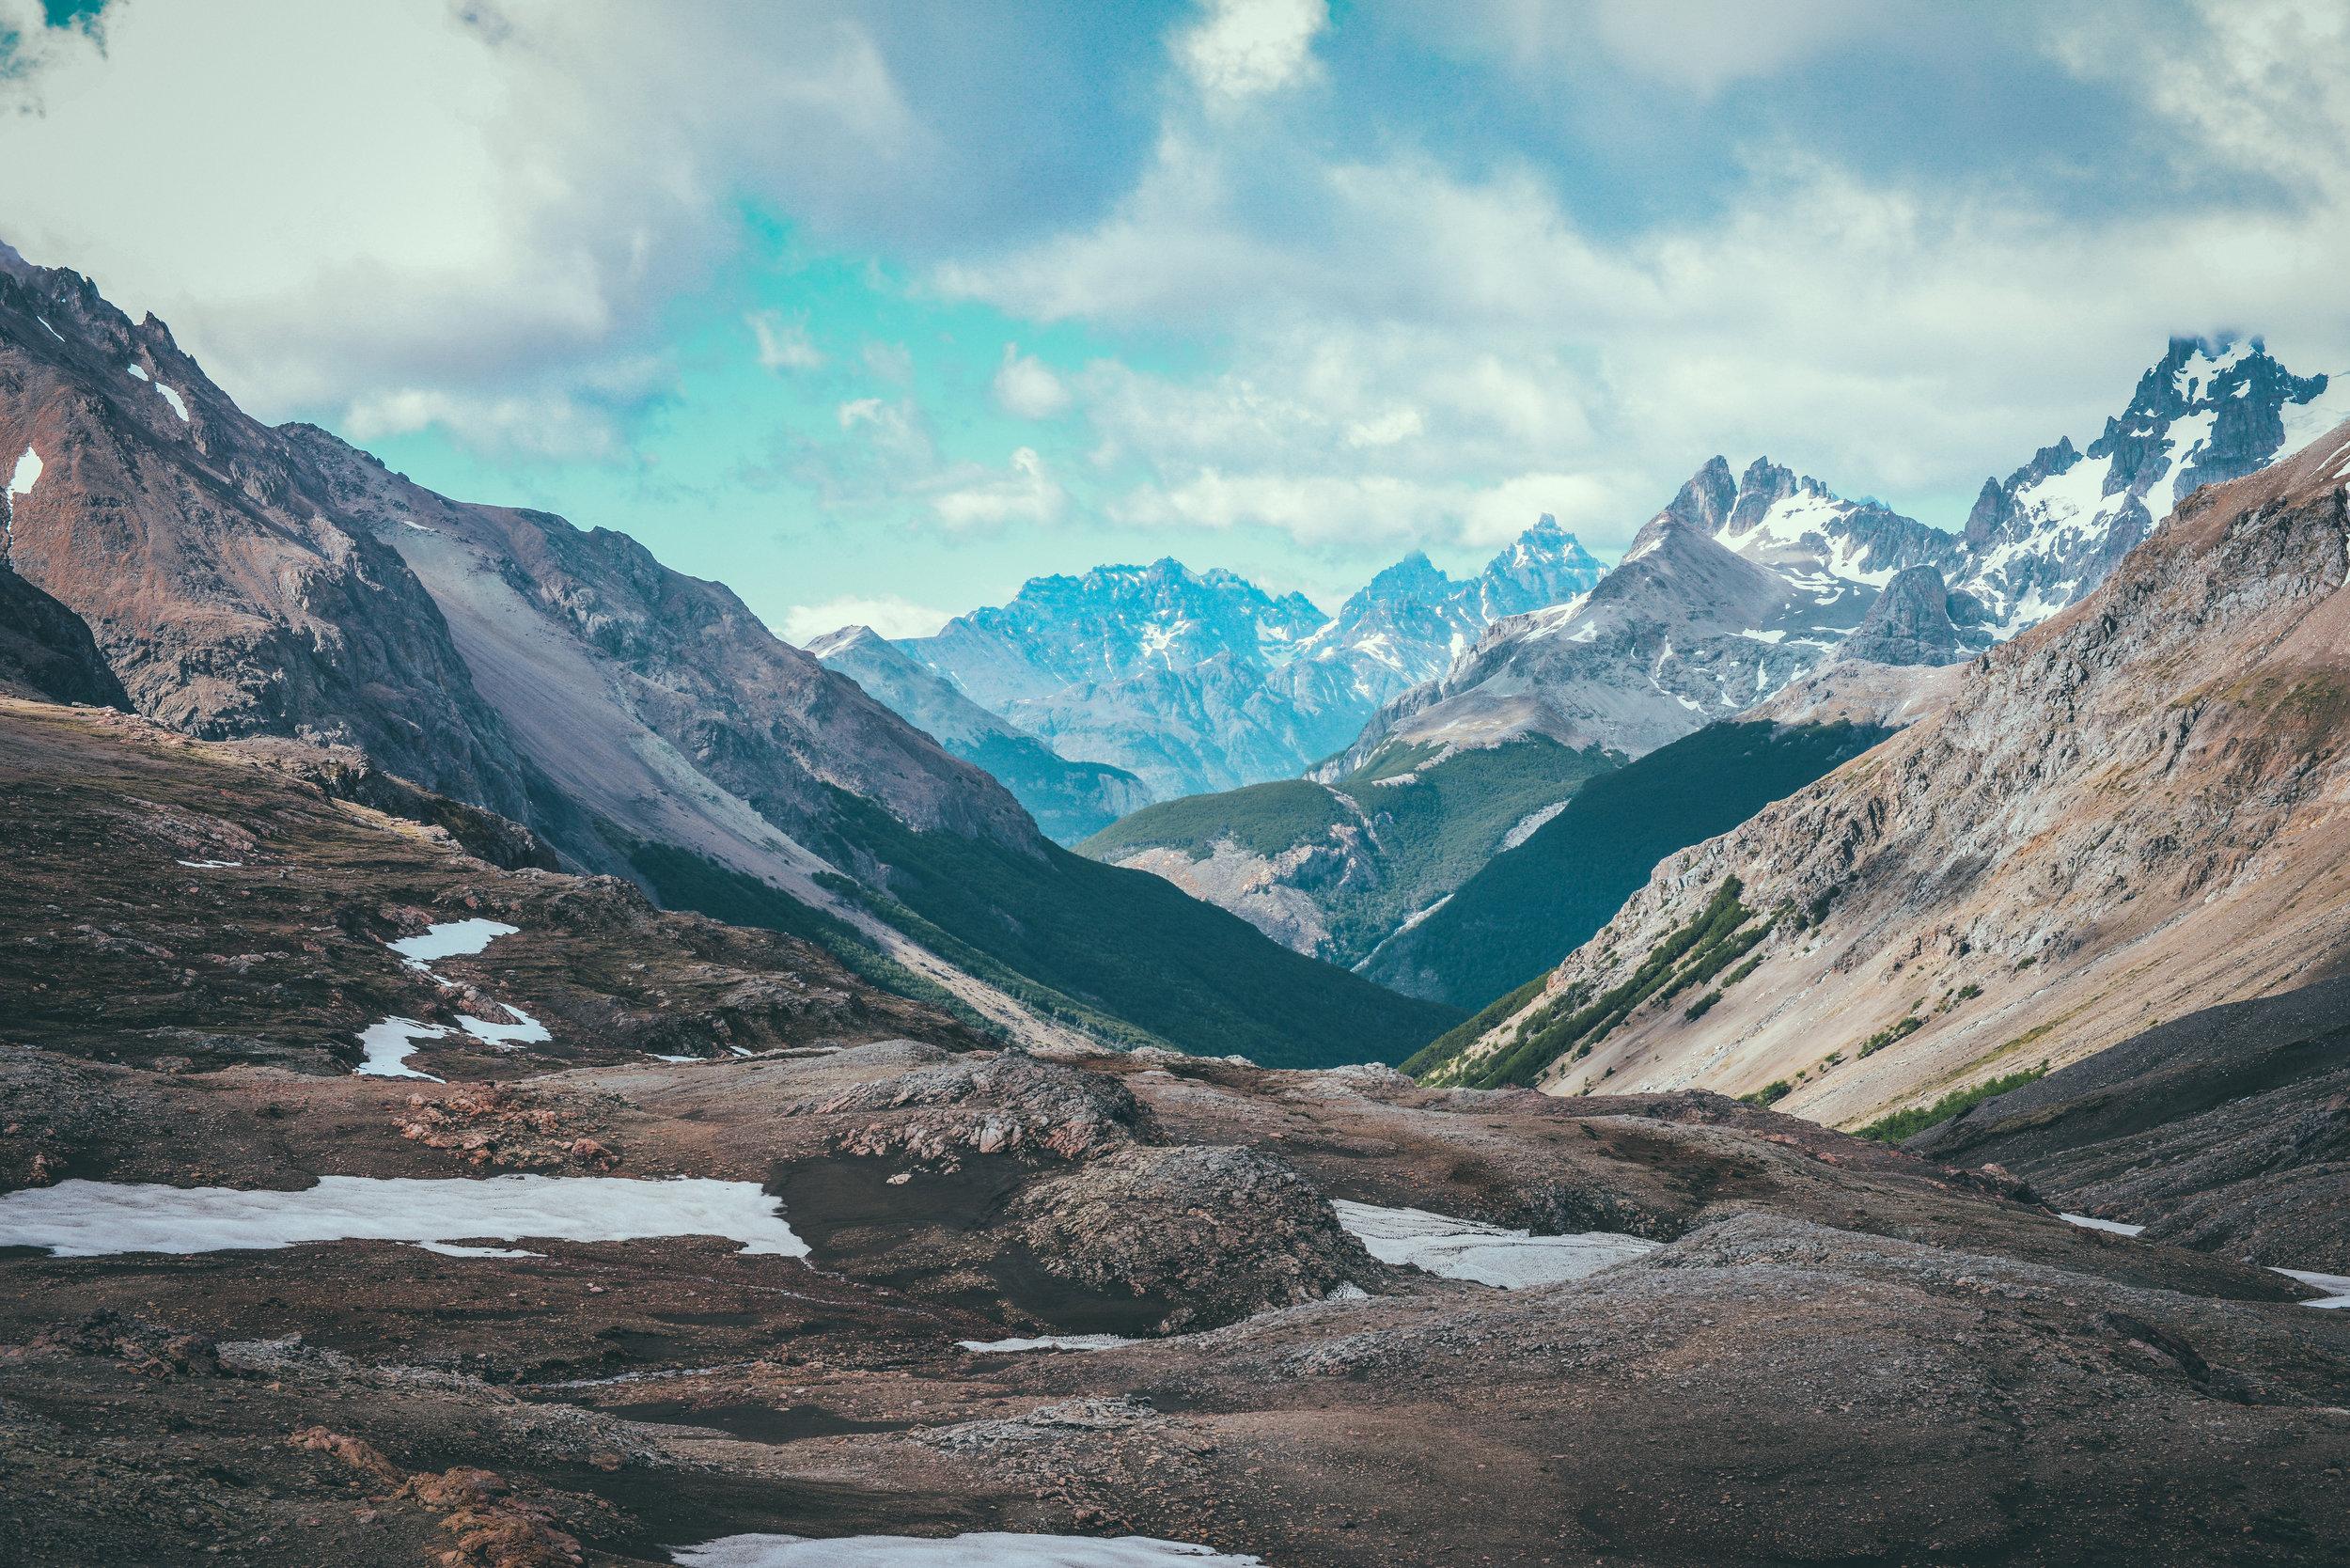 CBS_Patagonia_deBontin-934.jpg